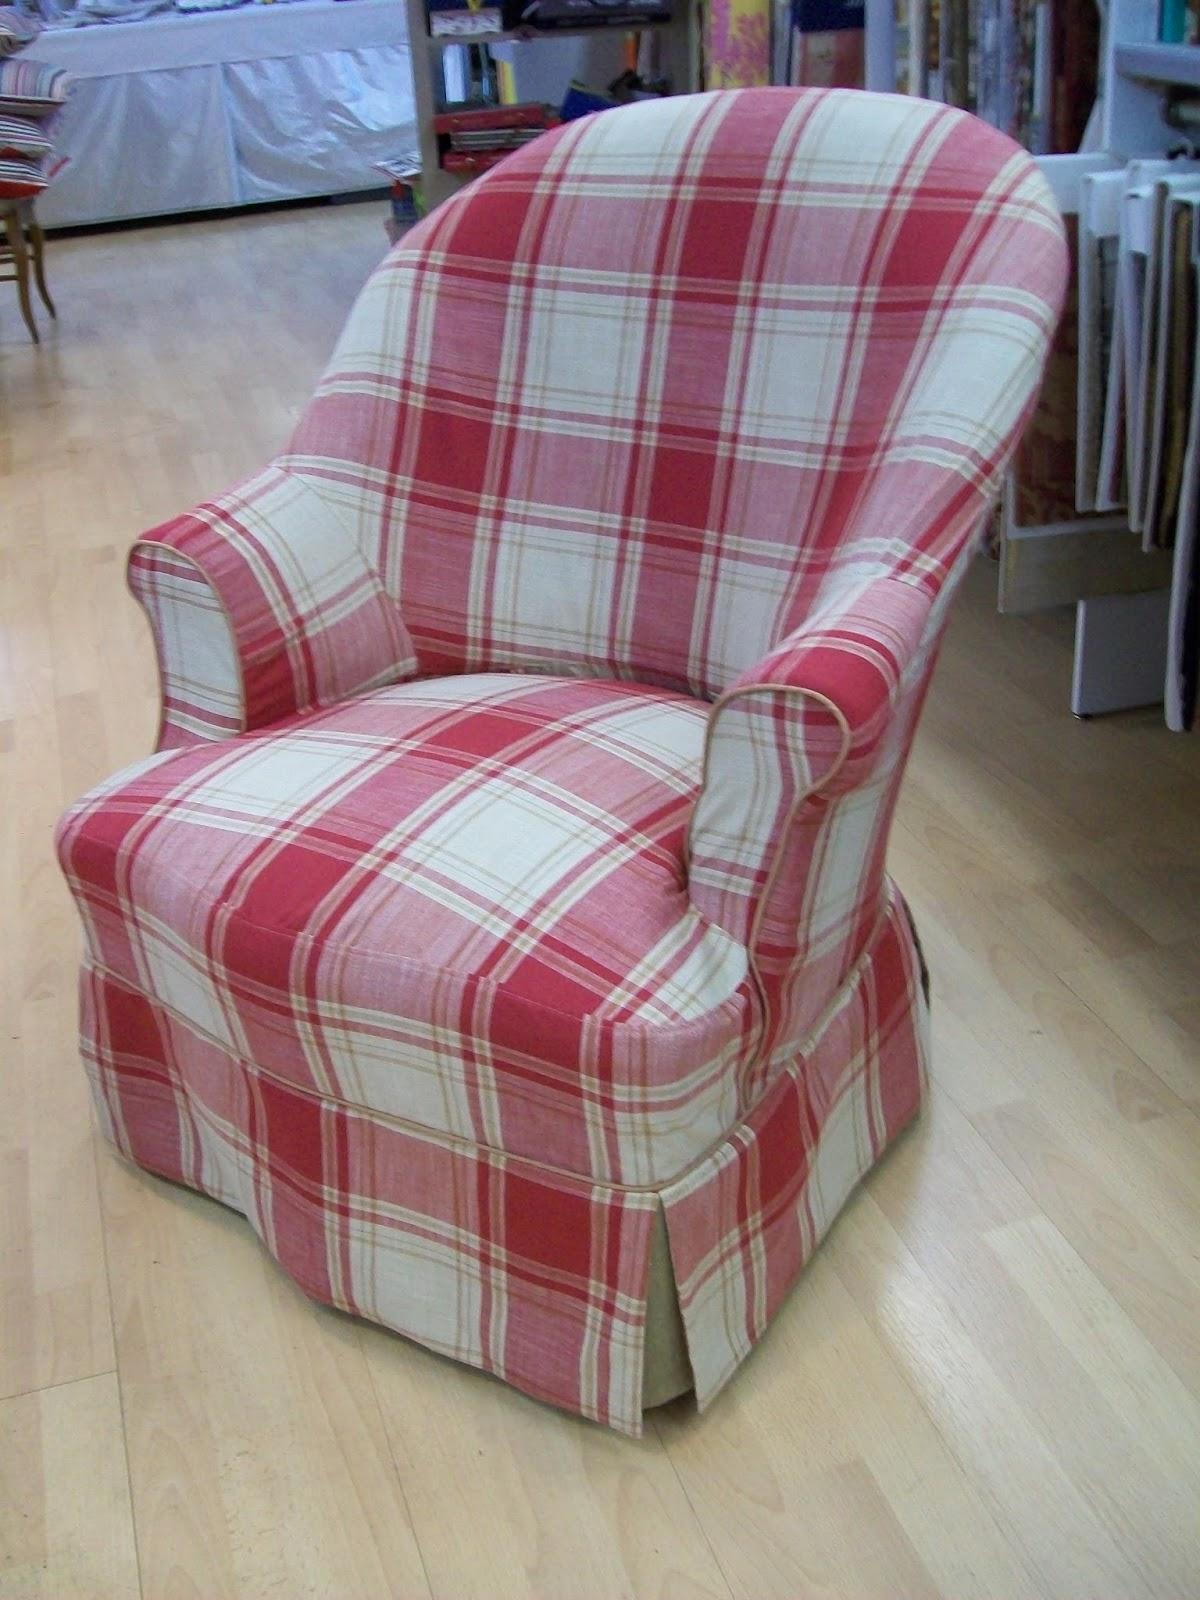 L 39 housse de fauteuil crapaud - Petit fauteuil crapaud pas cher ...